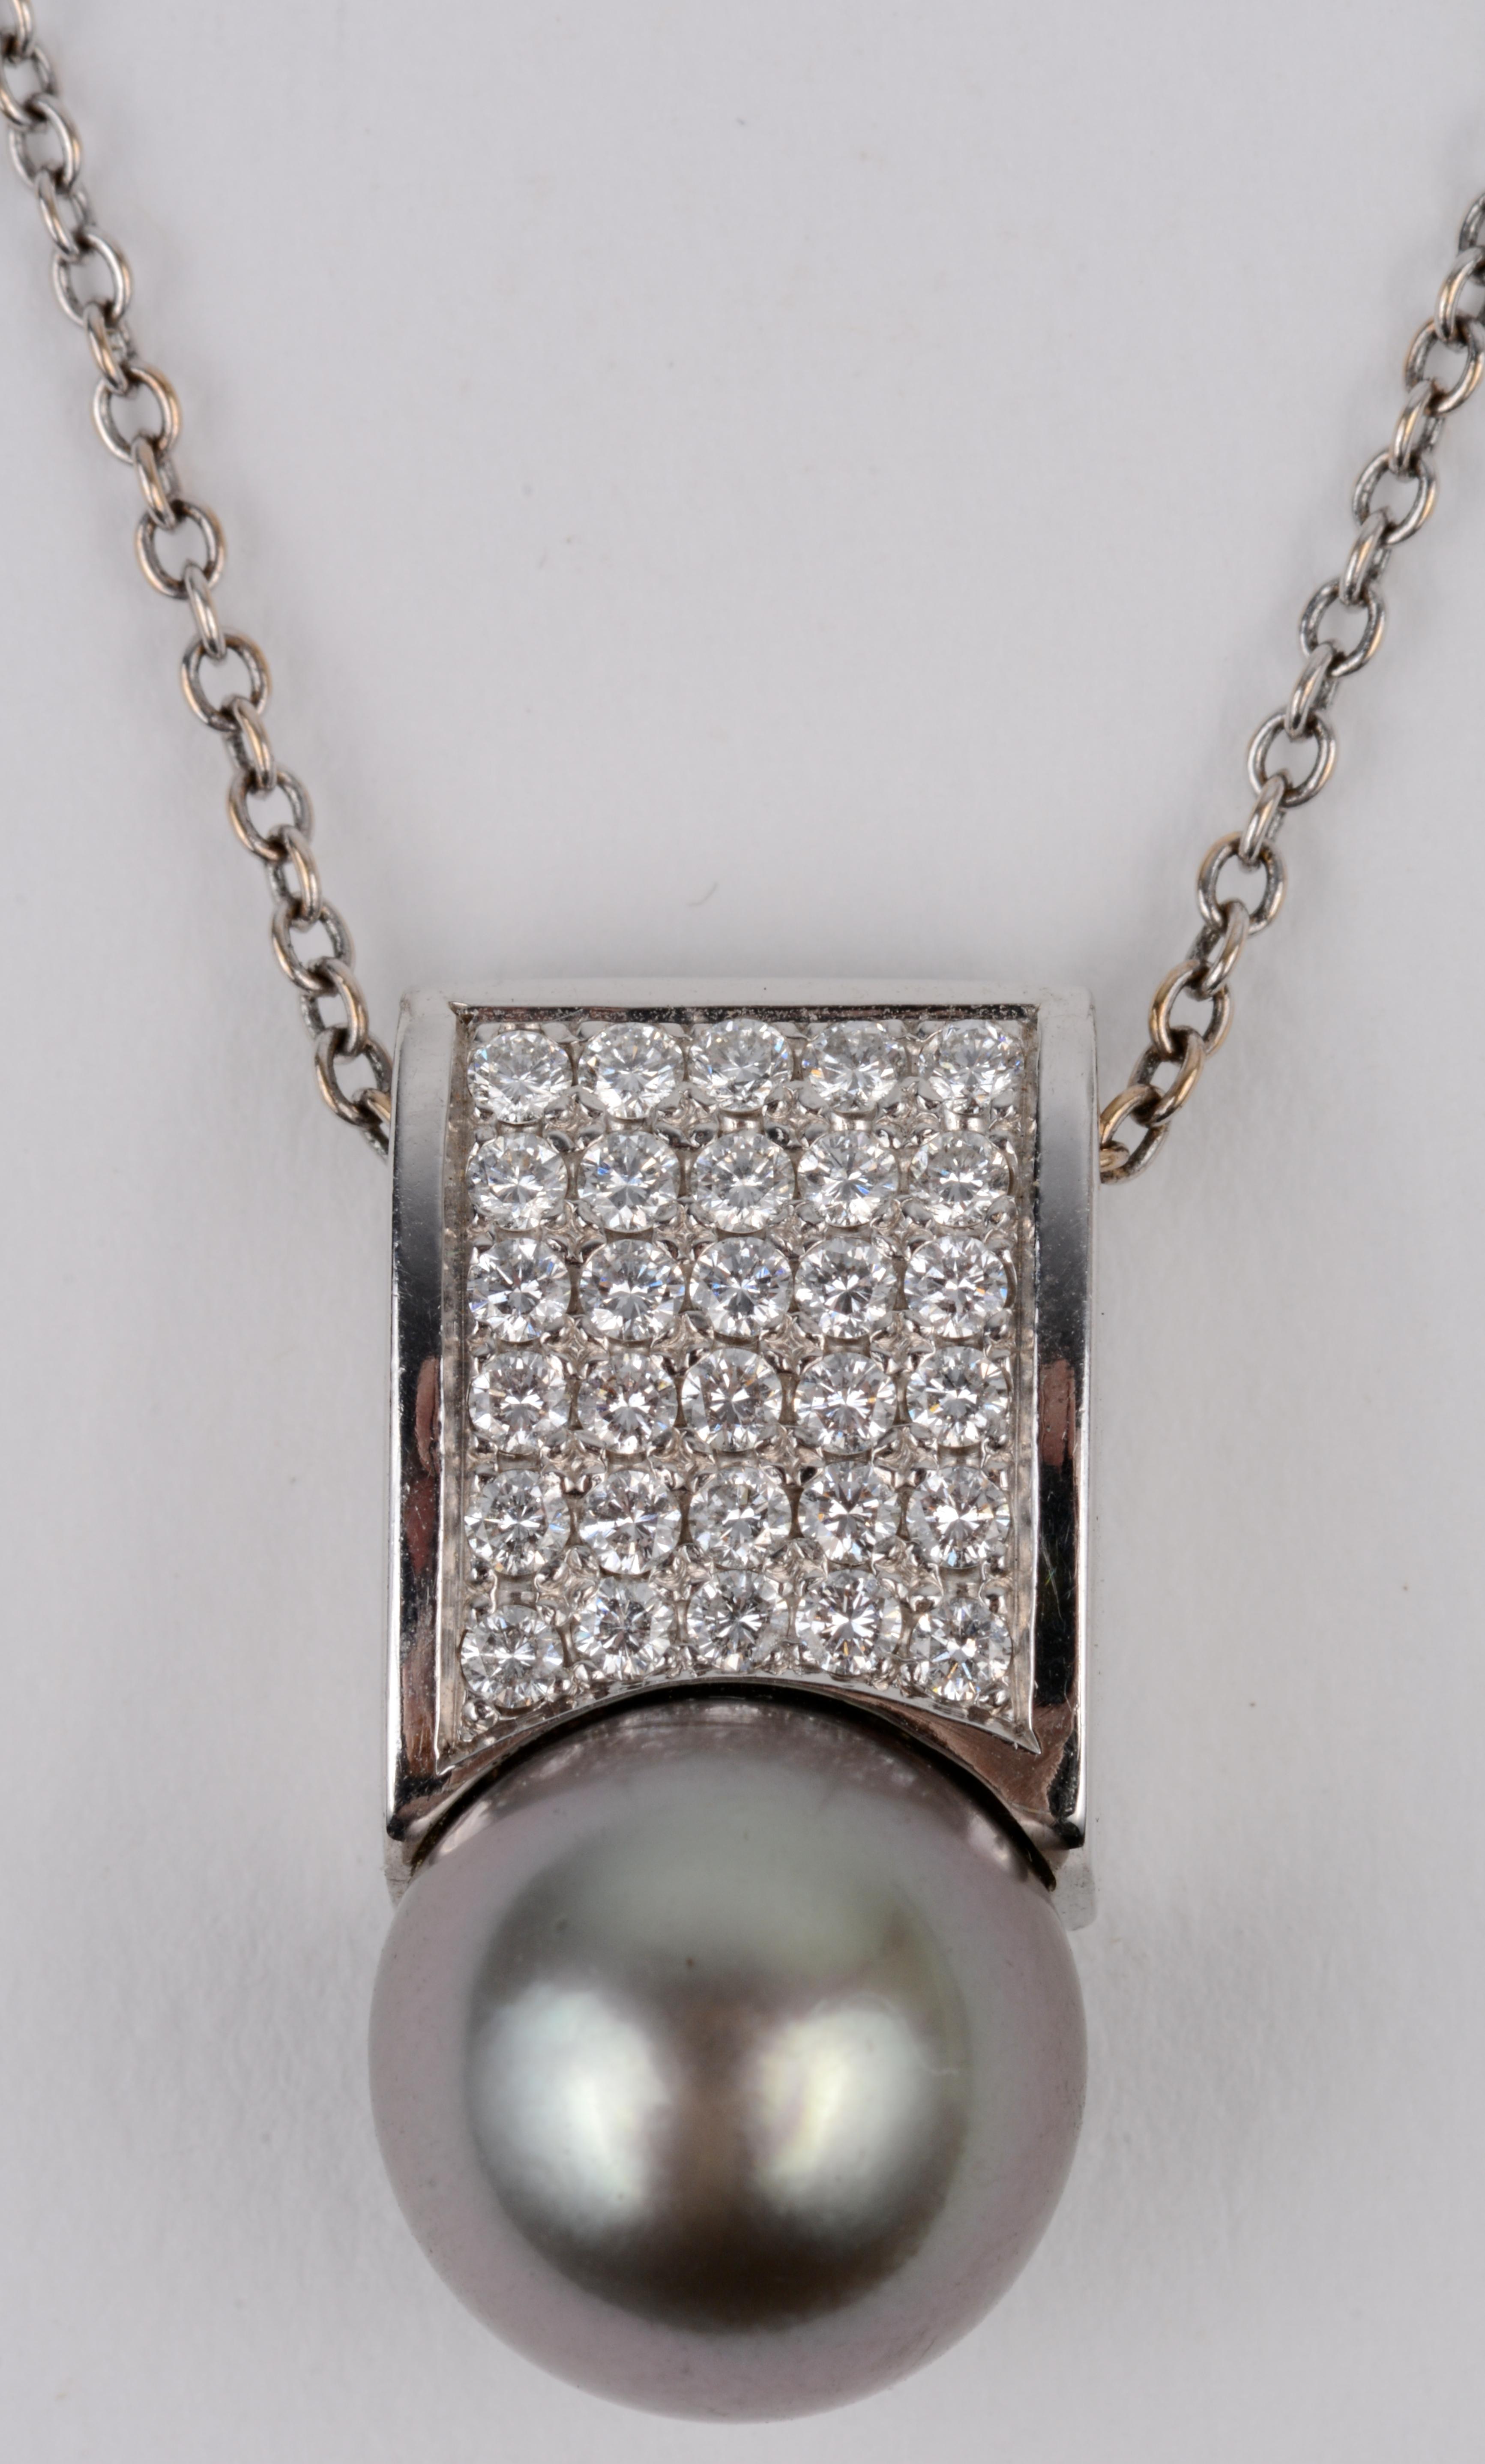 Een 18 karaats wit gouden ketting met hanger bezet met briljanten met een gezamenlijk gewicht van ± 0,45 ct. en een grijze parel.